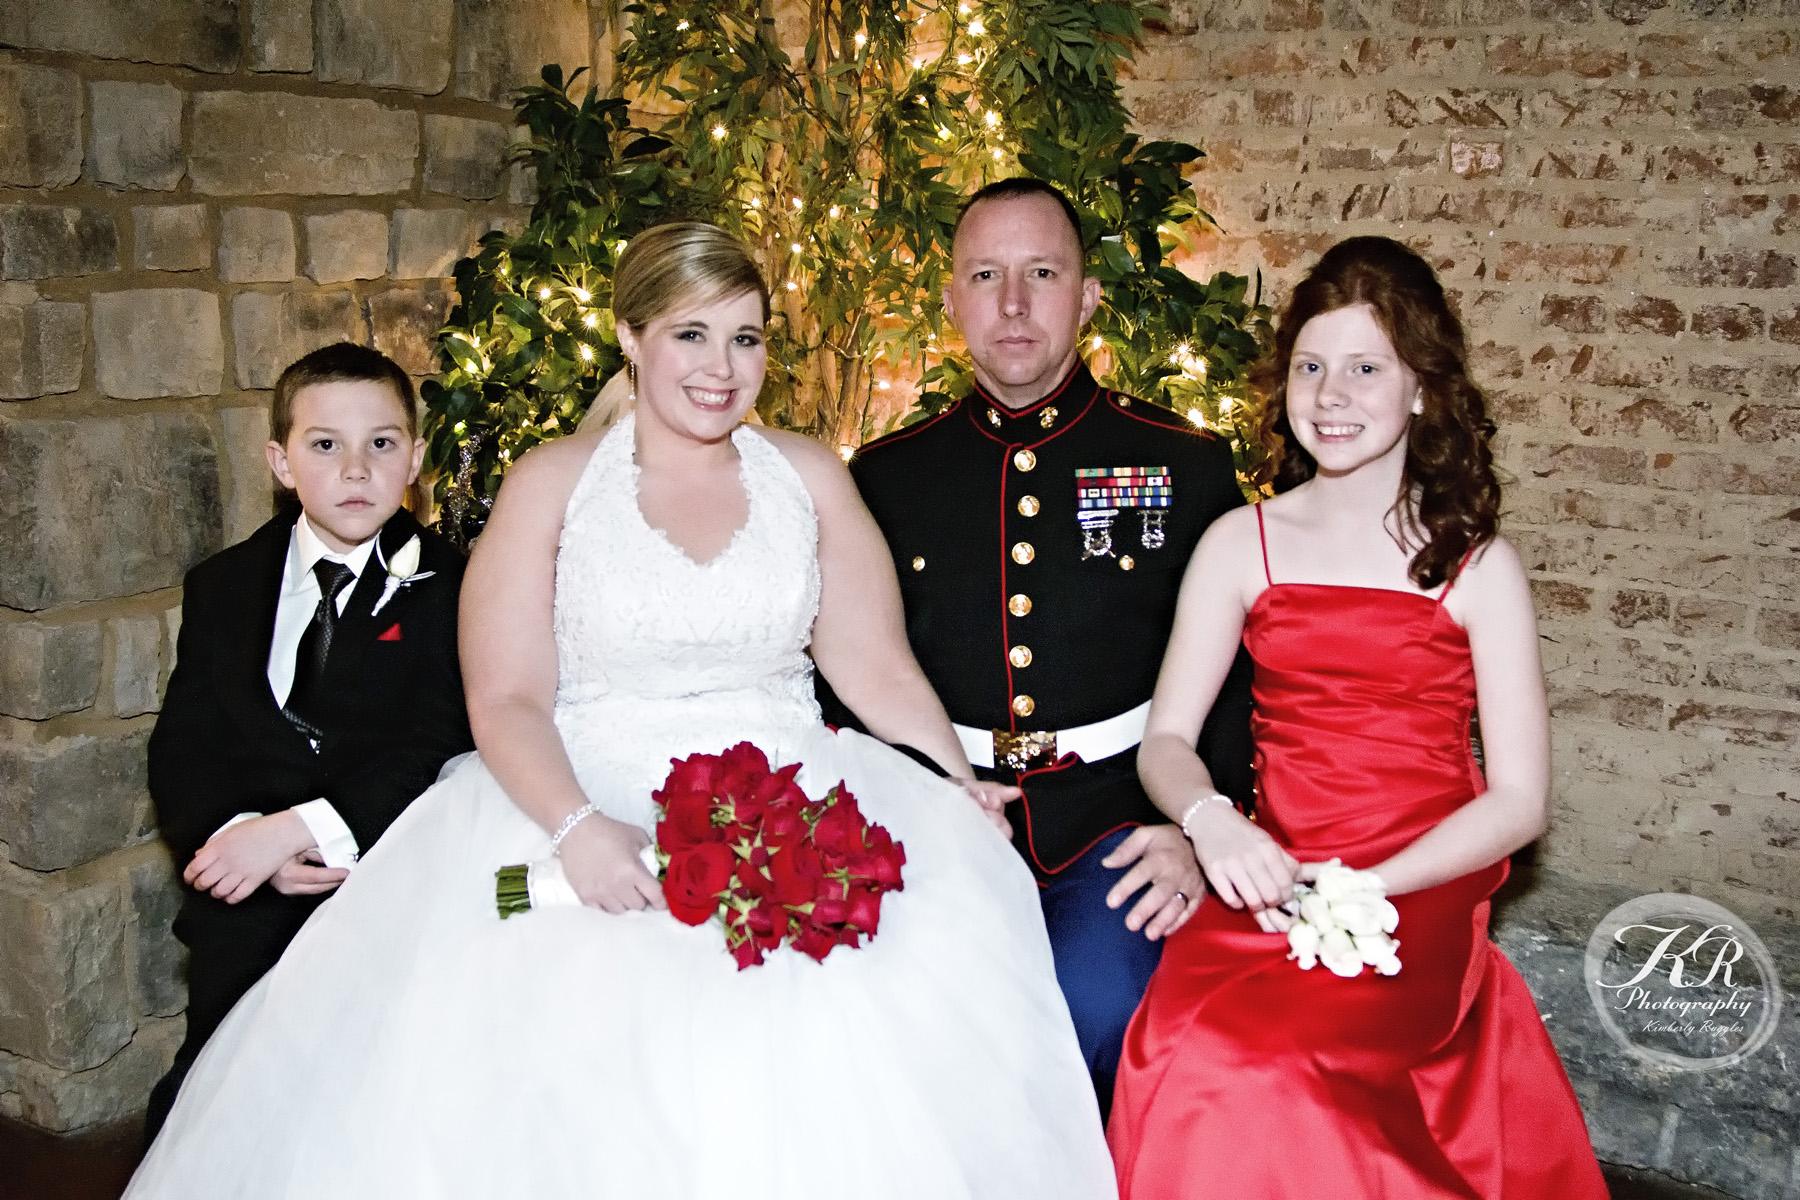 krphotograpy, weddings , dalton, ga